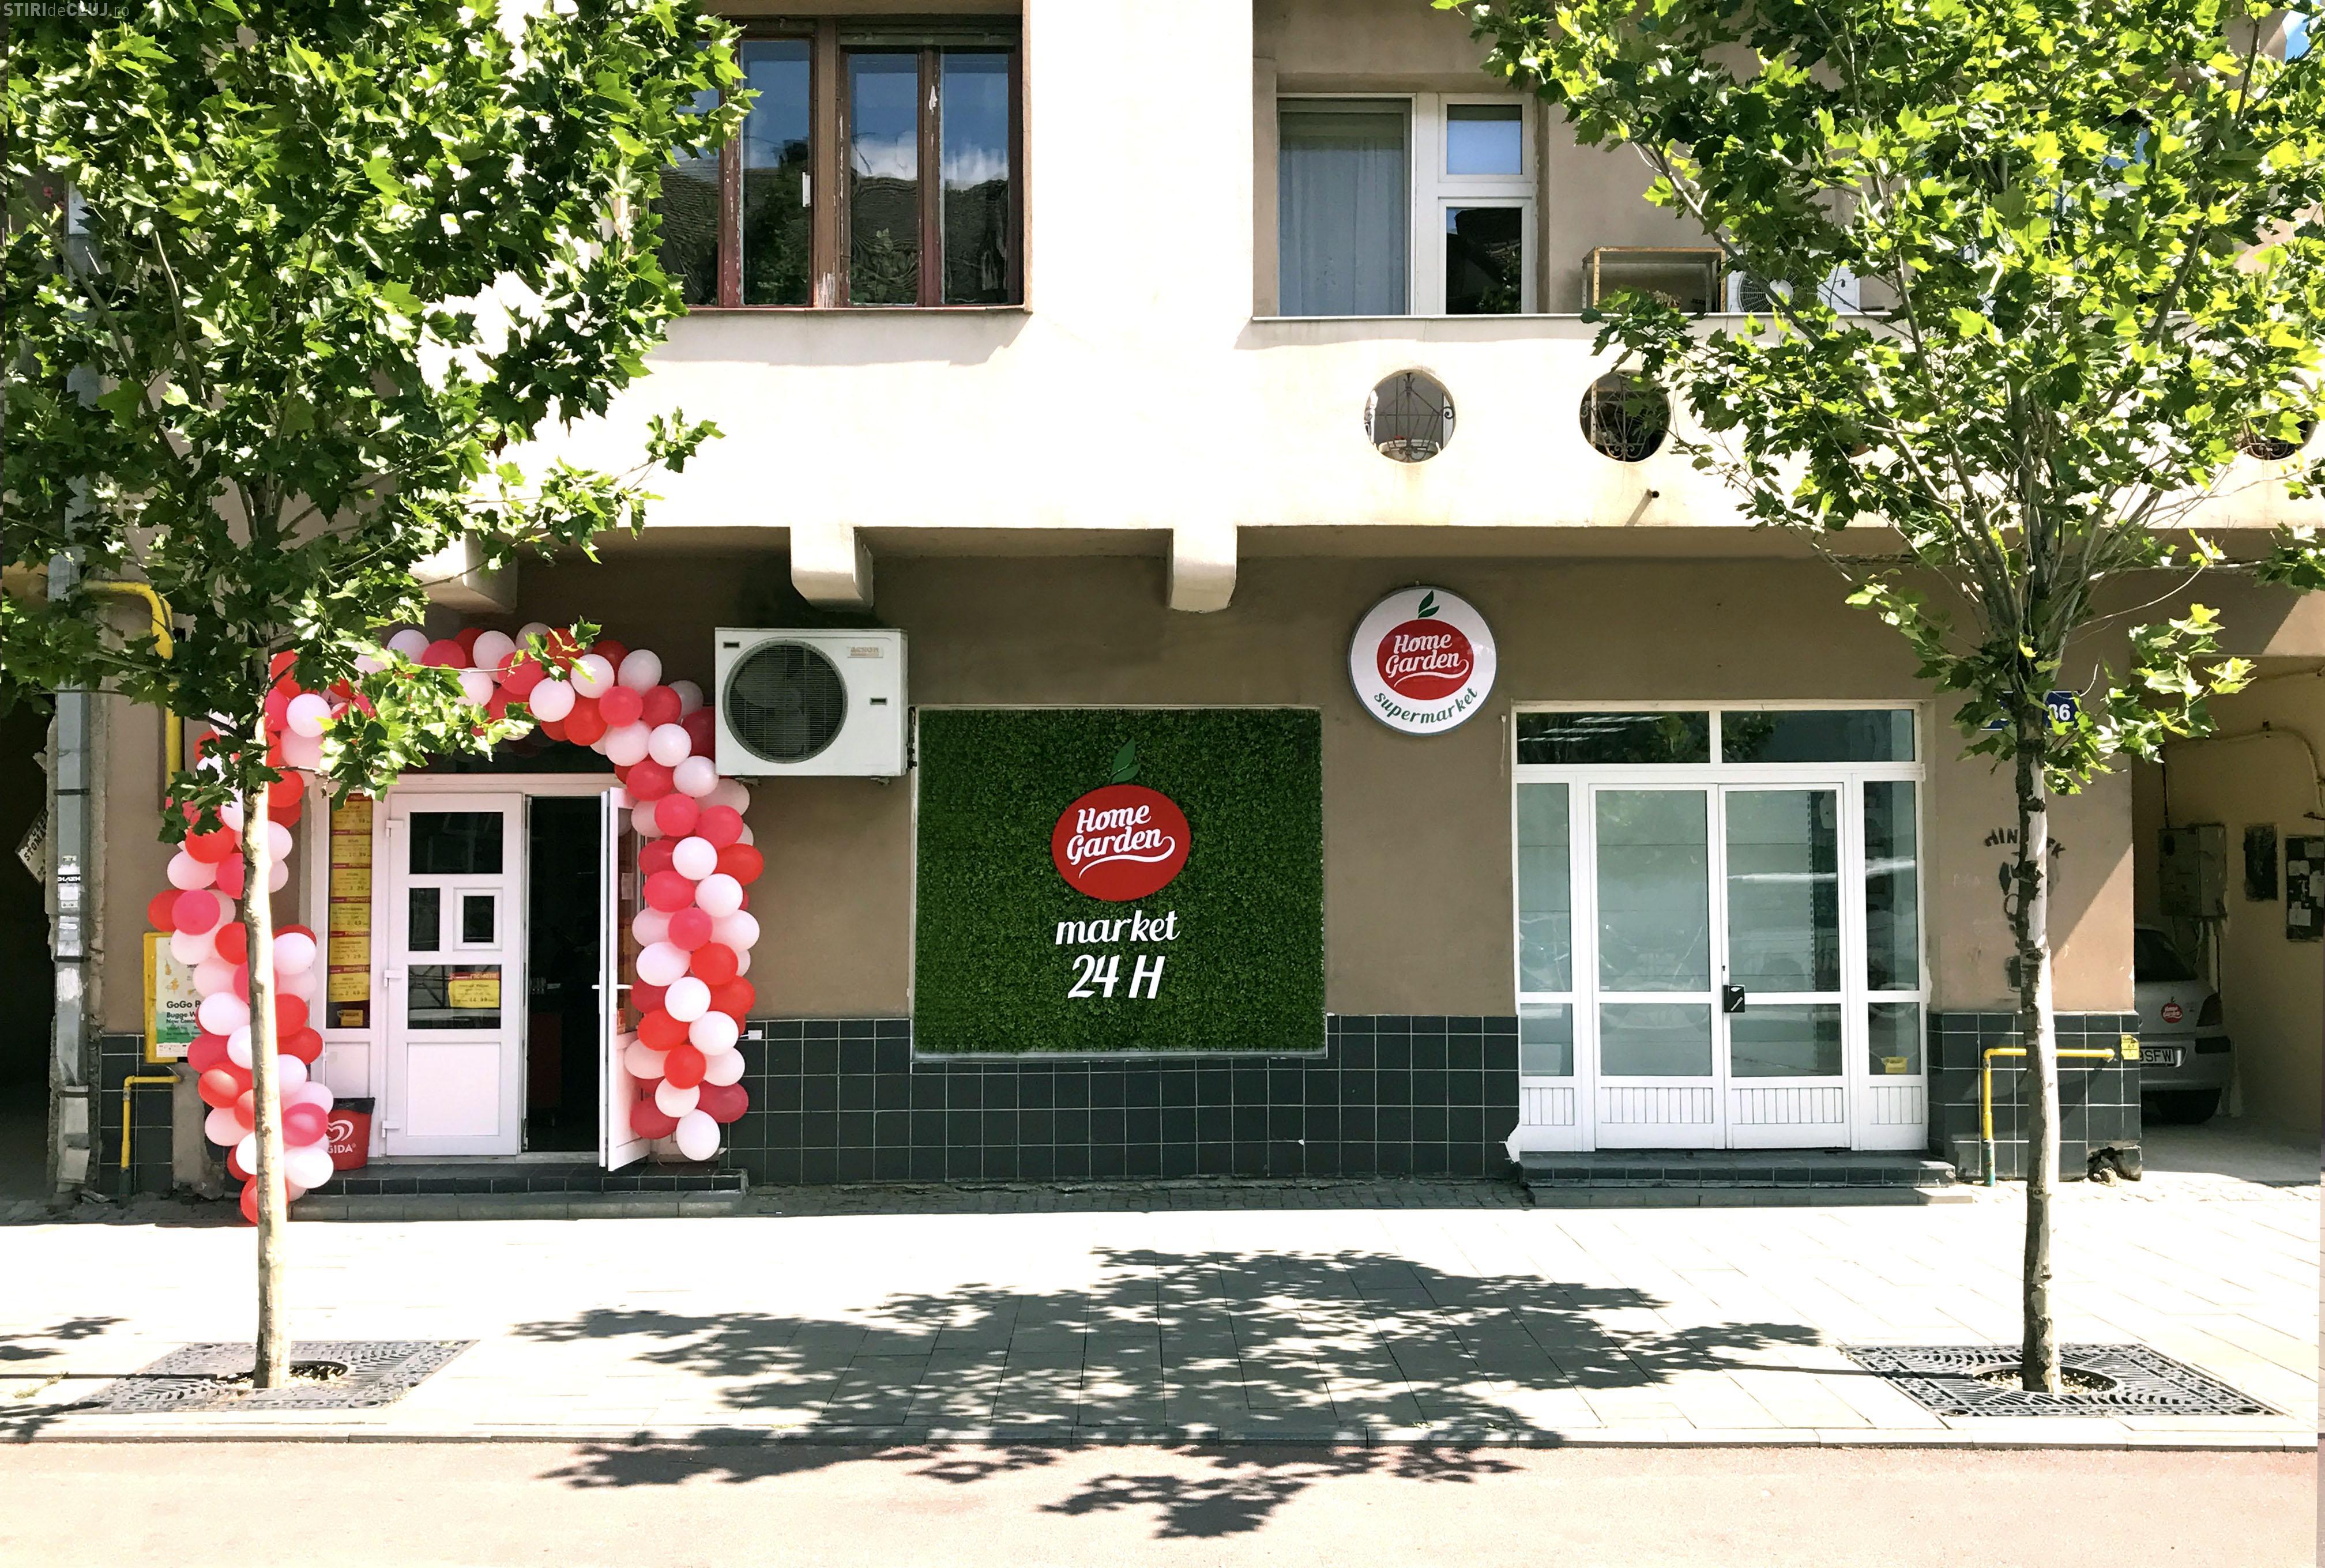 Home Garden a deschis un nou magazin Non Stop în Cluj, demarând planurile de expansiune a magazinelor de tip Market local (P)